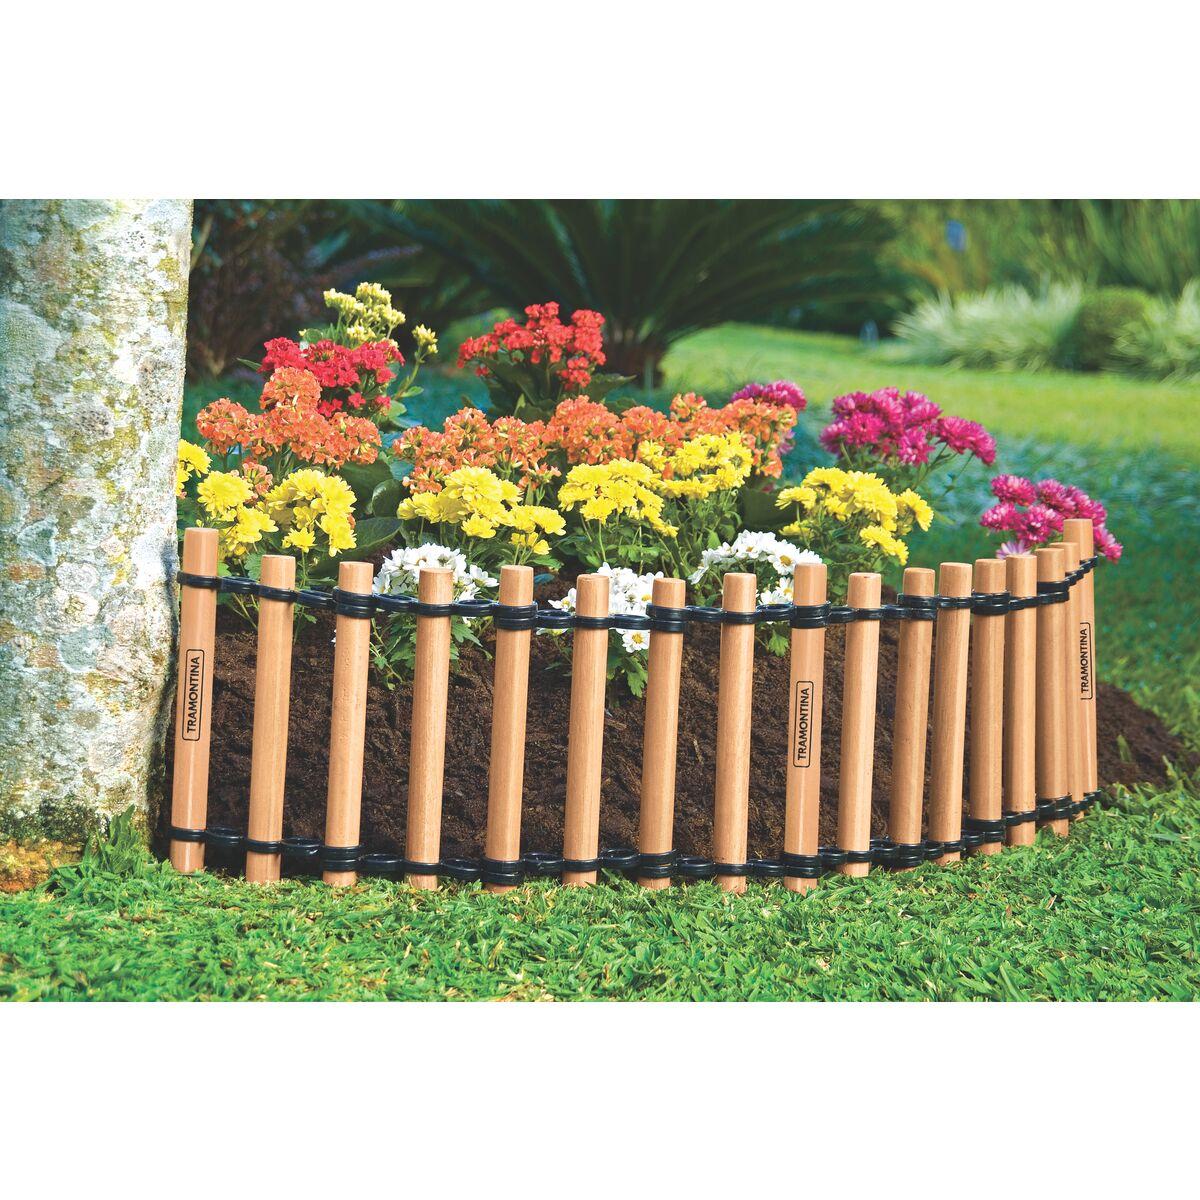 Tramontina reja para jard n 5 m vasada for Cercados jardin